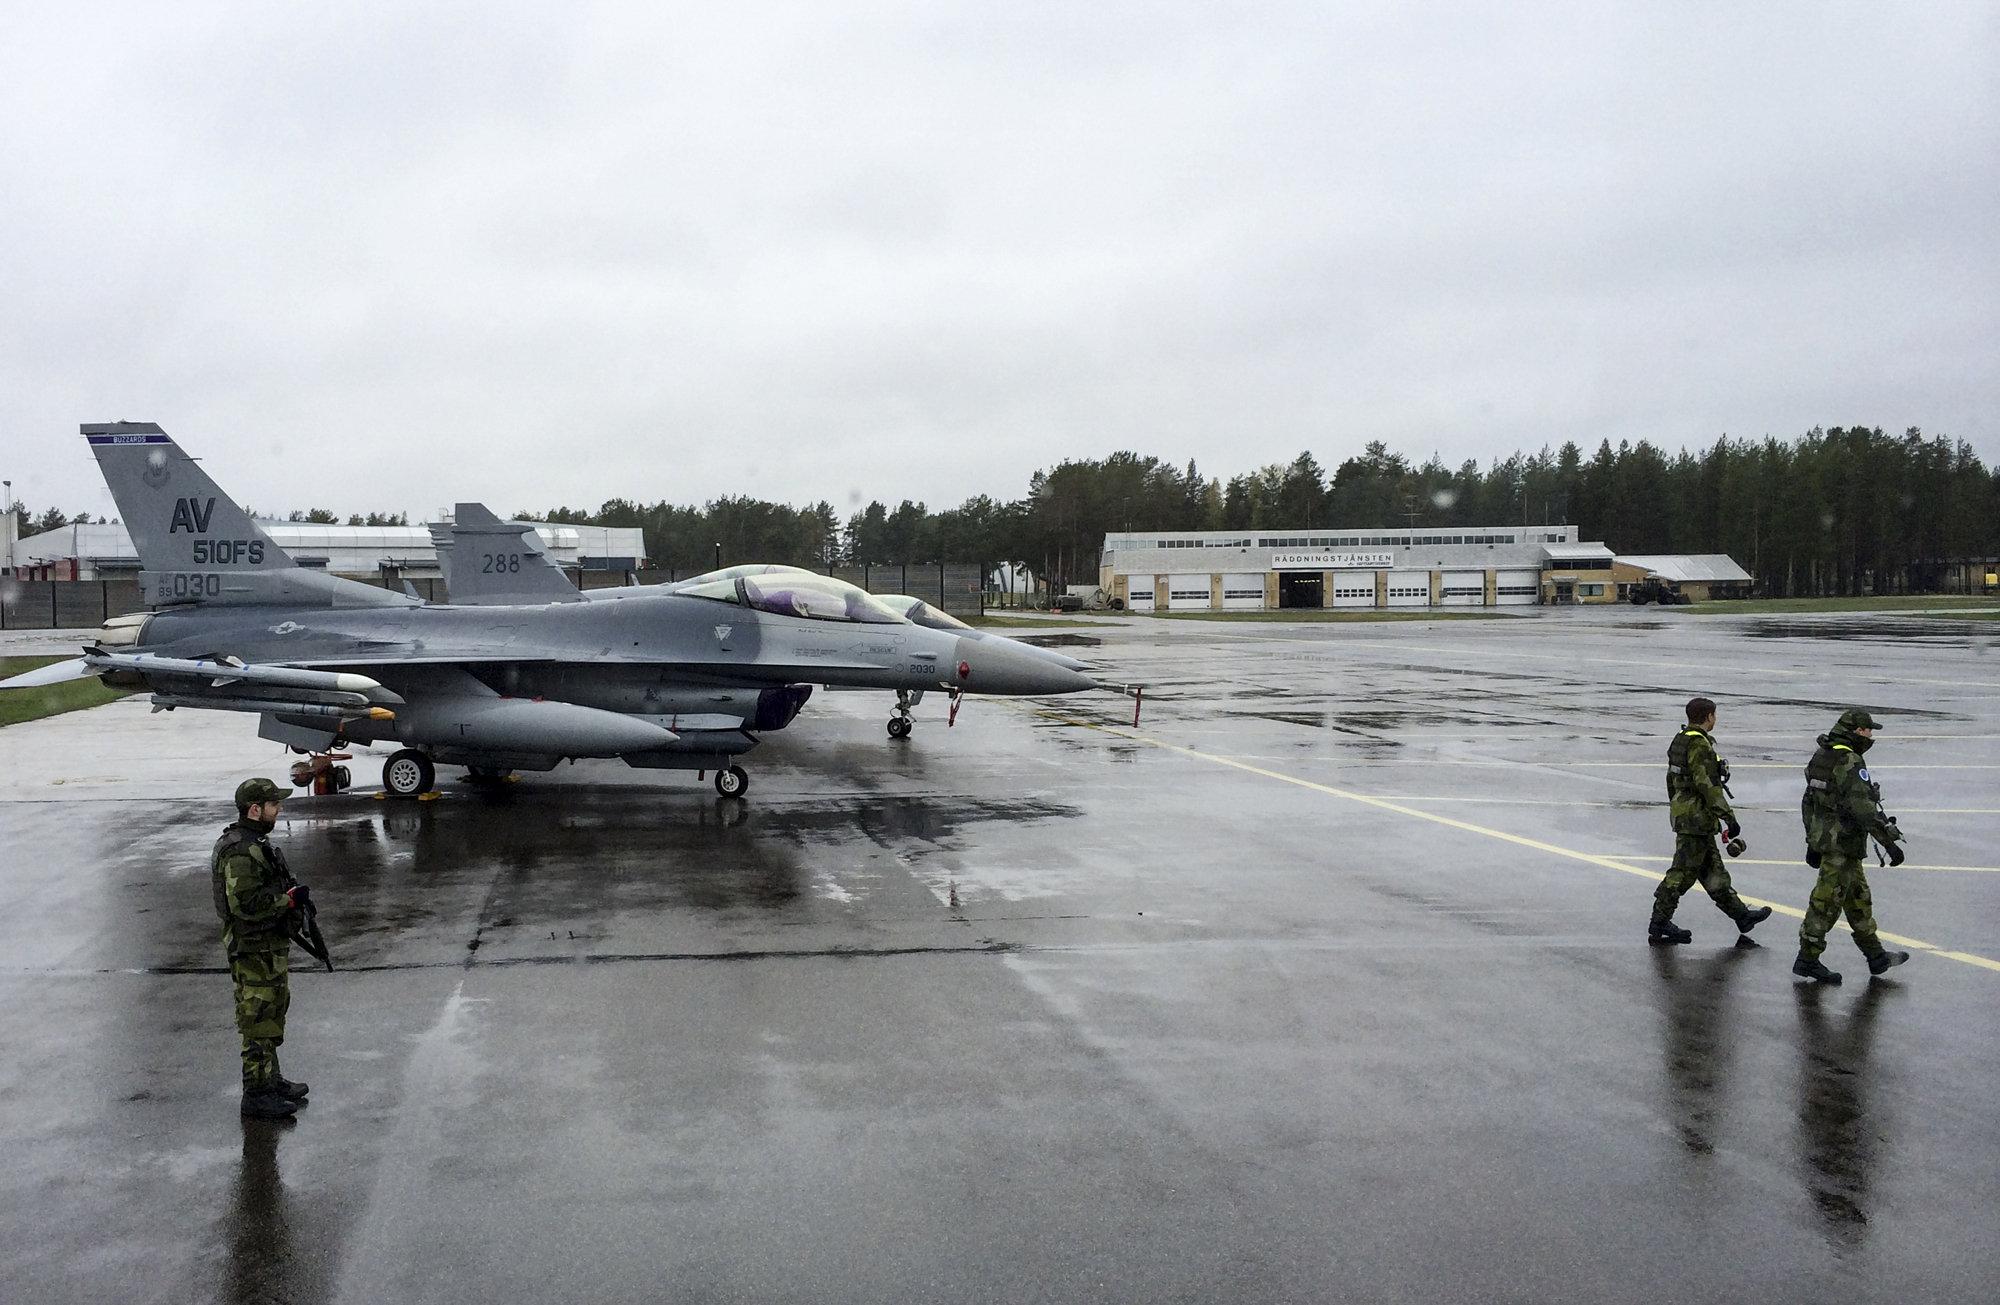 Финляндии и Швеции нужно проанализировать перспективы членства в НАТО